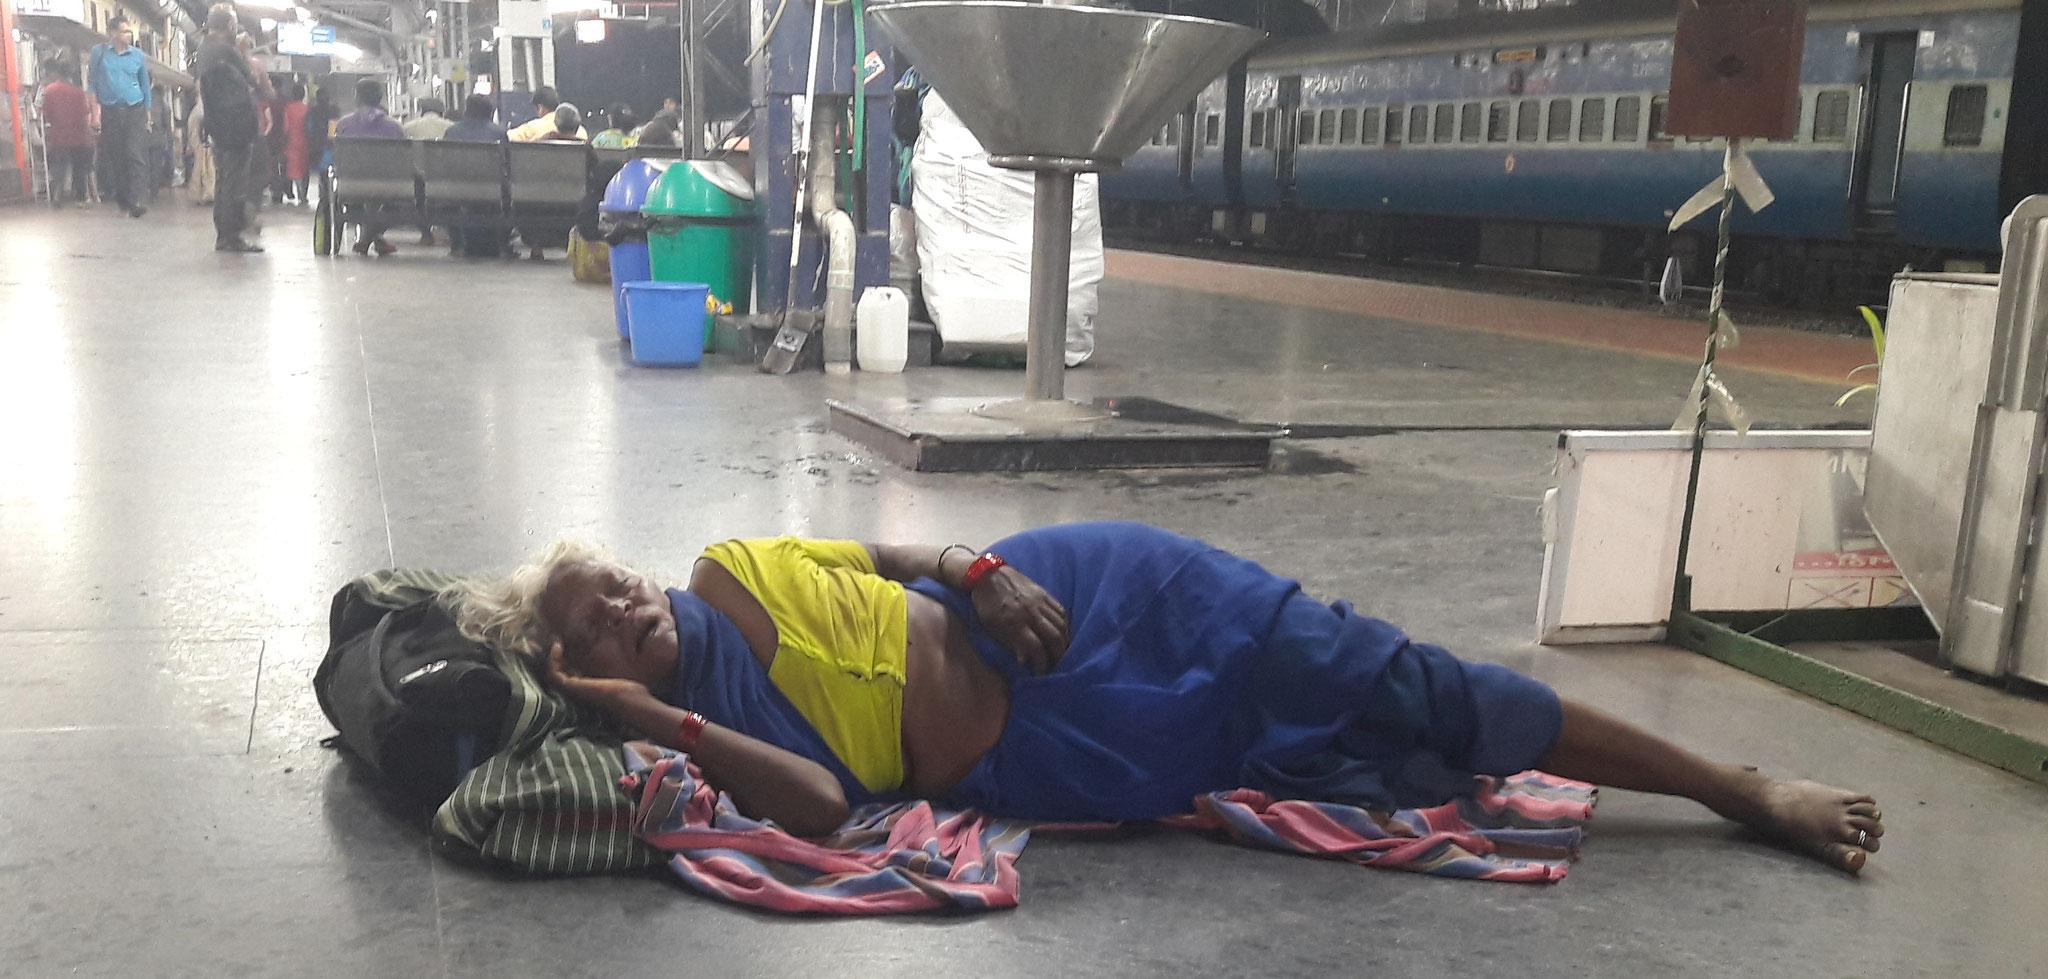 Nachtruhe am Bahnhof